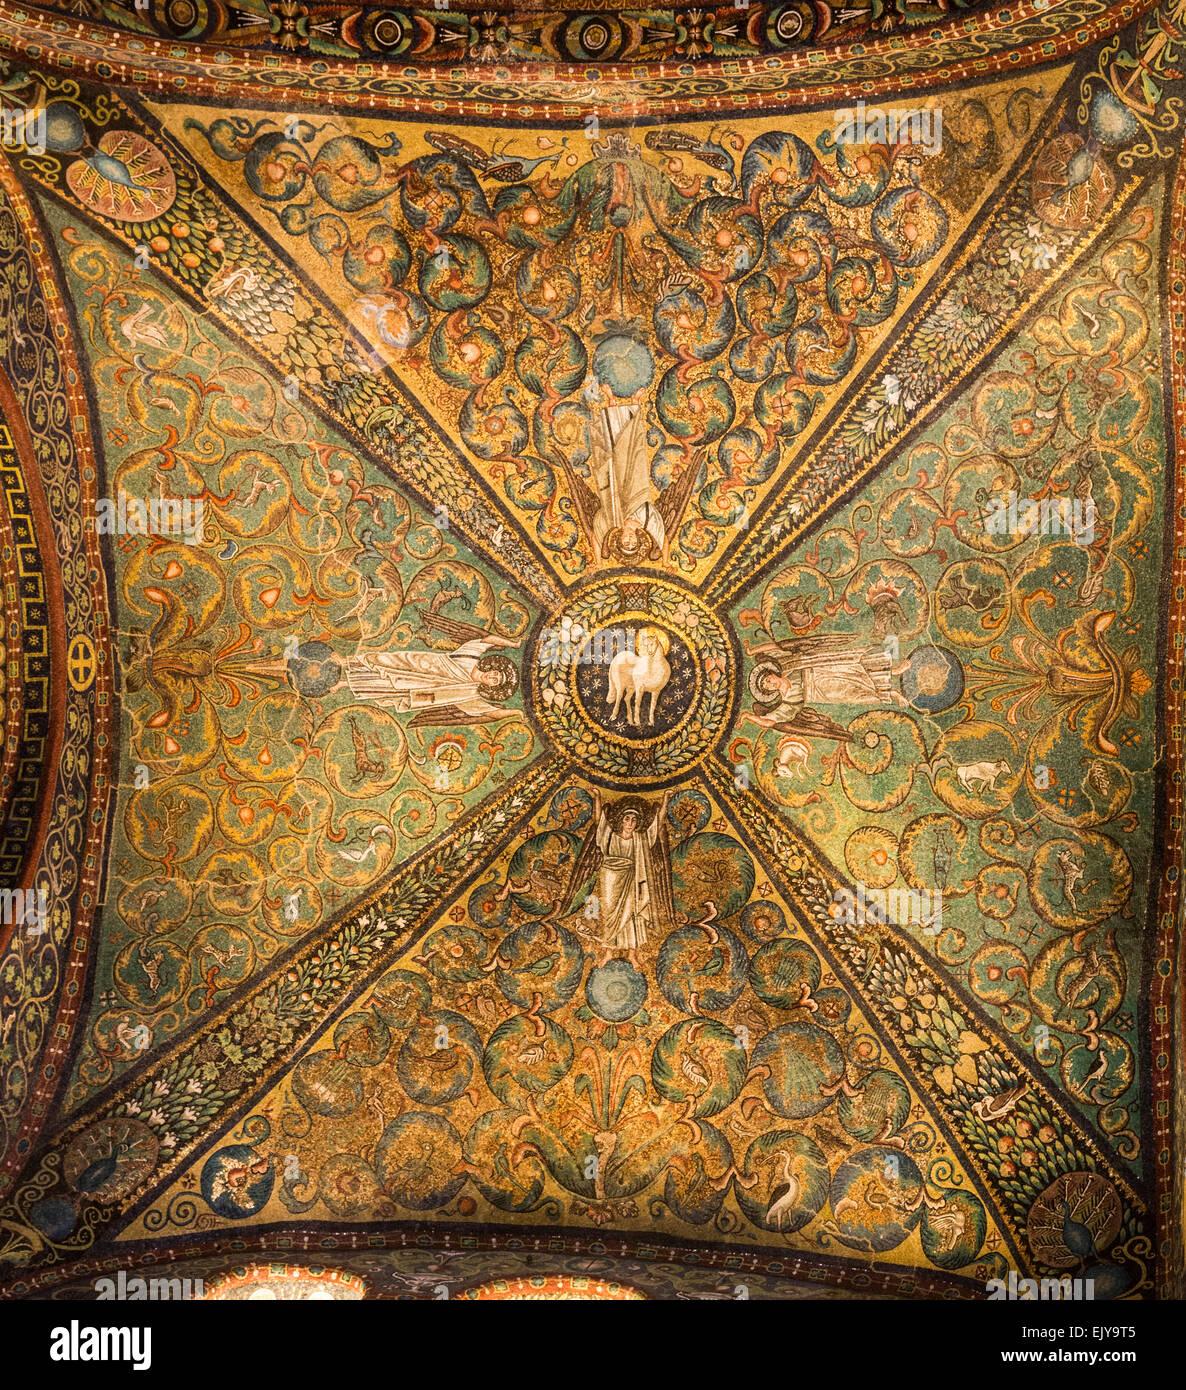 mosaics on cross vault, Basilica of San Vitale, Ravenna, Italy - Stock Image